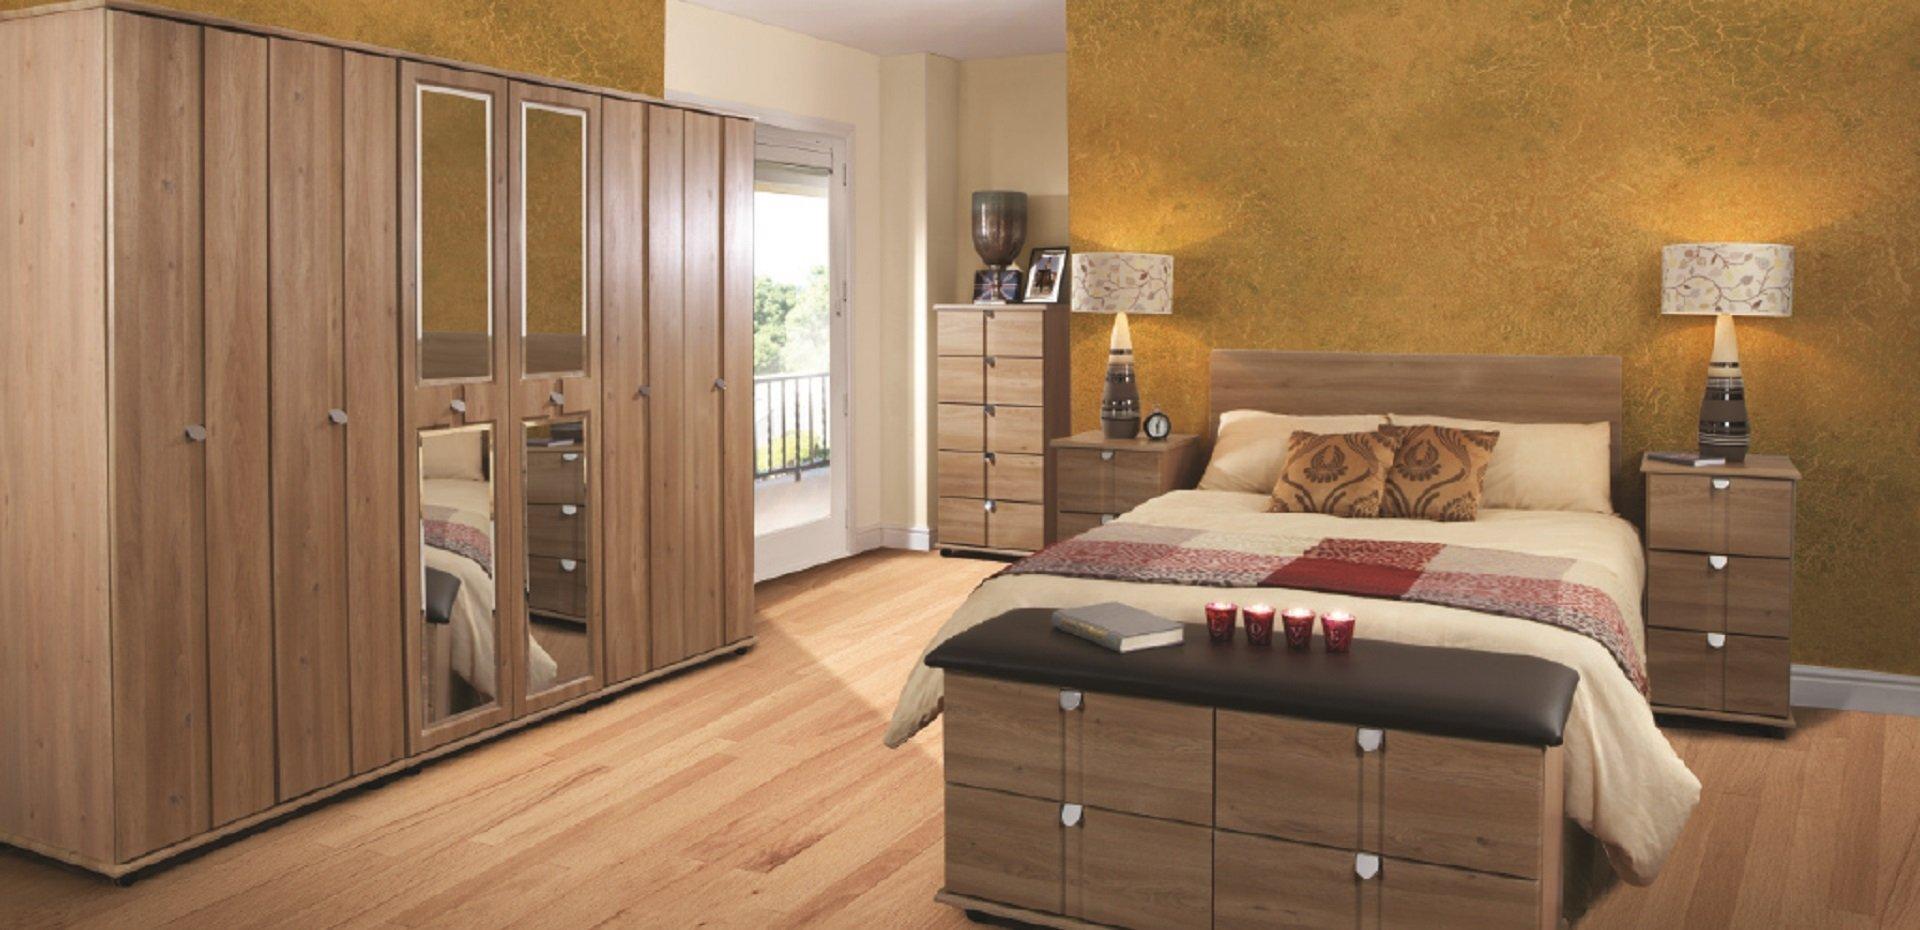 new wooden wardrobe in bedroom